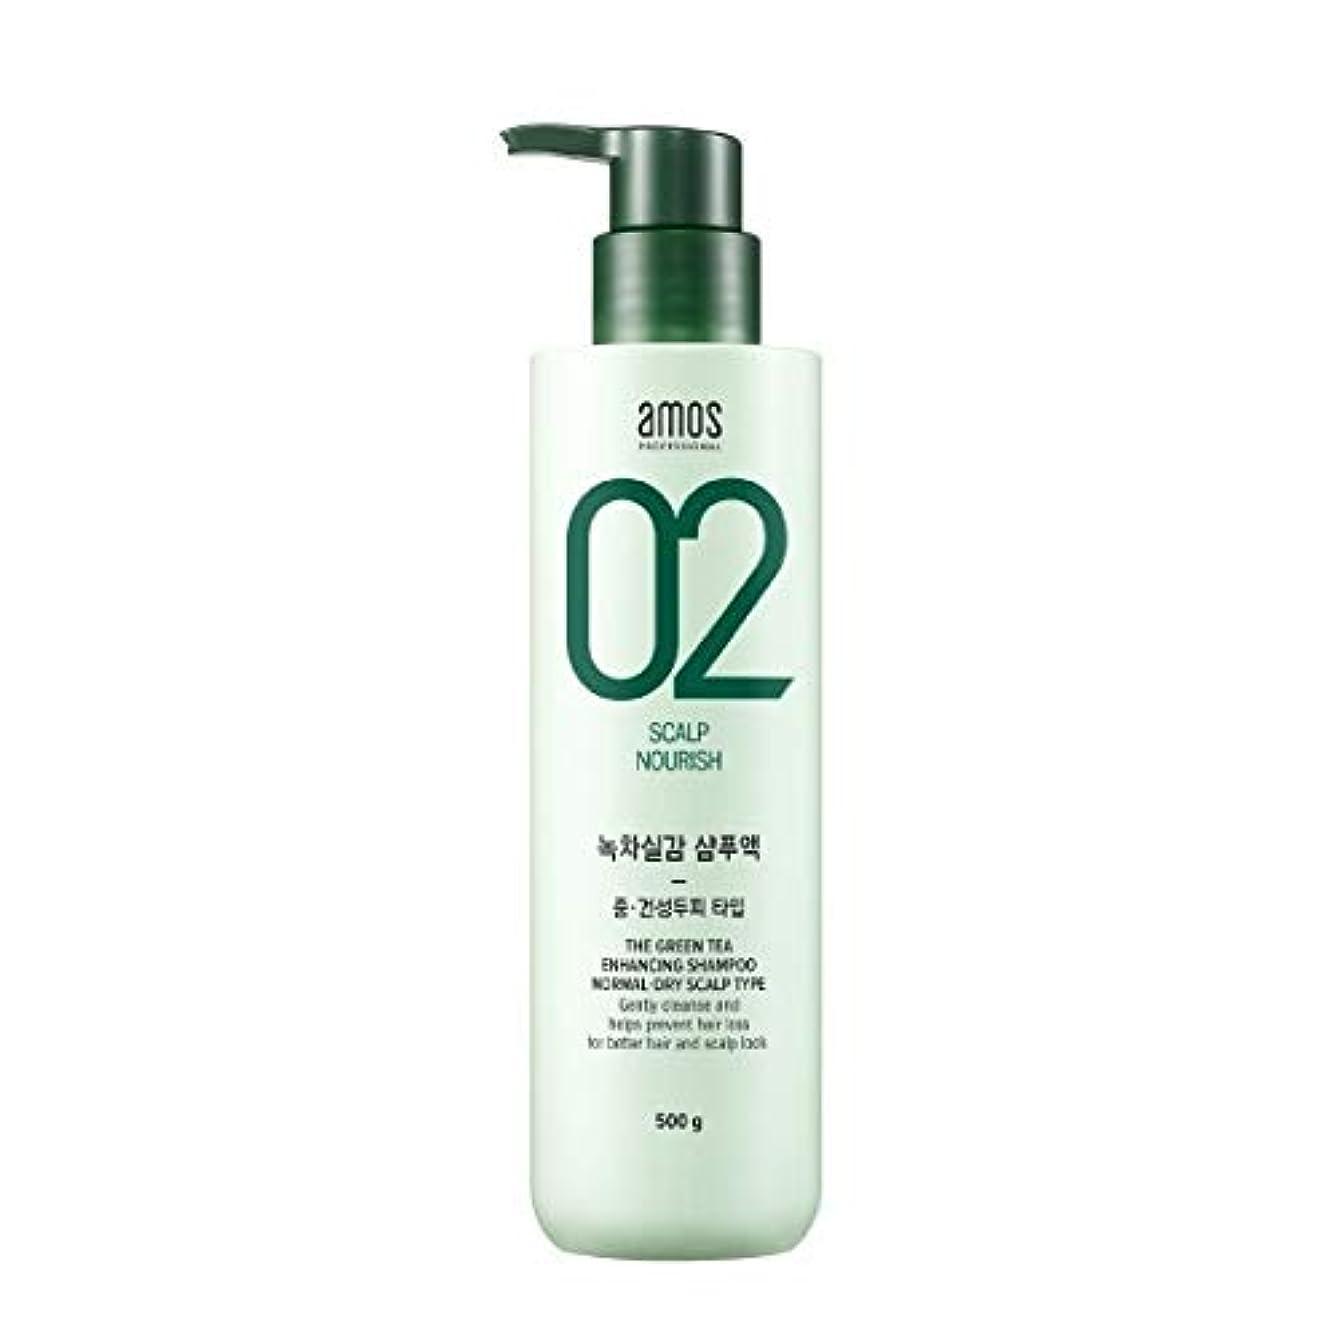 賢明な弱点簡単にAmos Green Tea Enhancing Shampoo - Normal, Dry 500g / アモス ザ グリーンティー エンハンシング シャンプー # ノーマルドライ スカルプタイプ [並行輸入品]